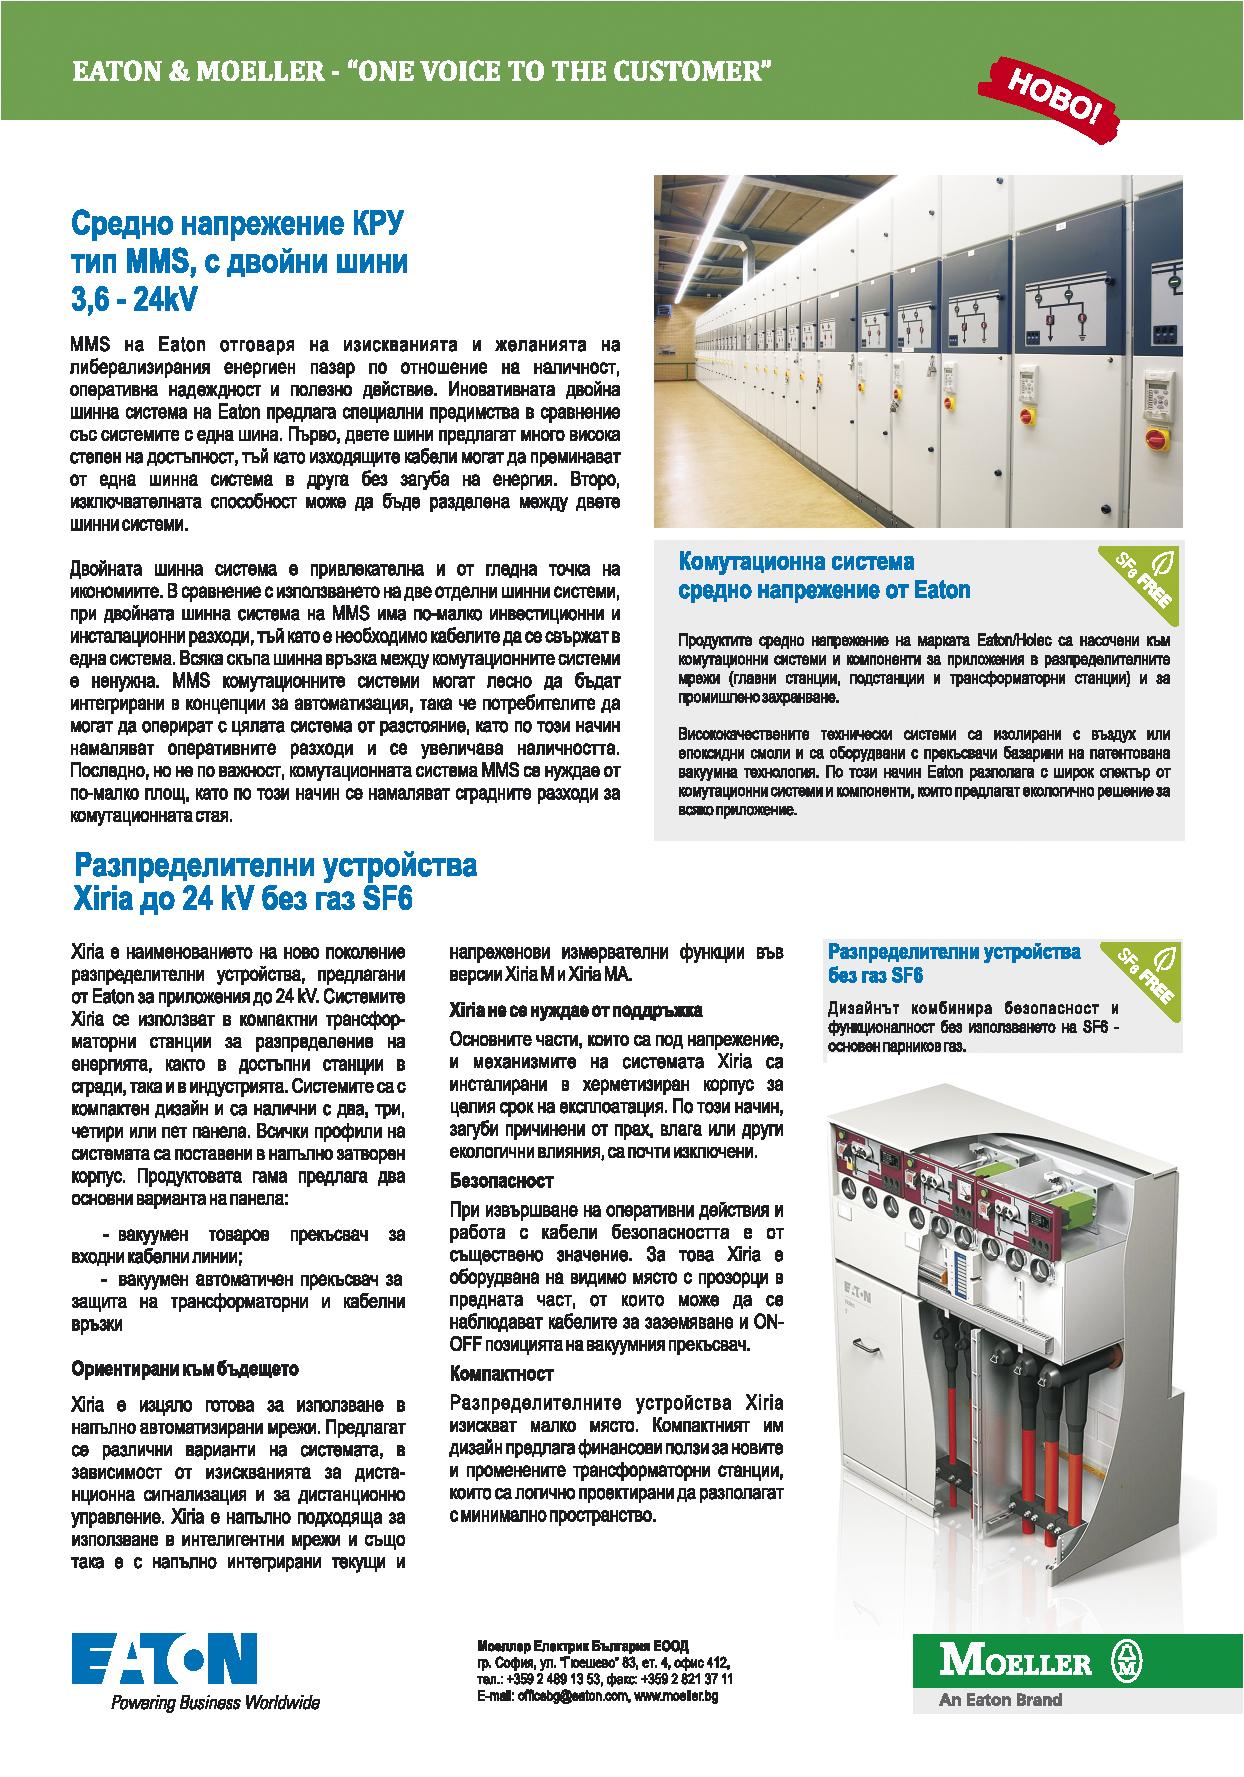 Моеллер Електрик България